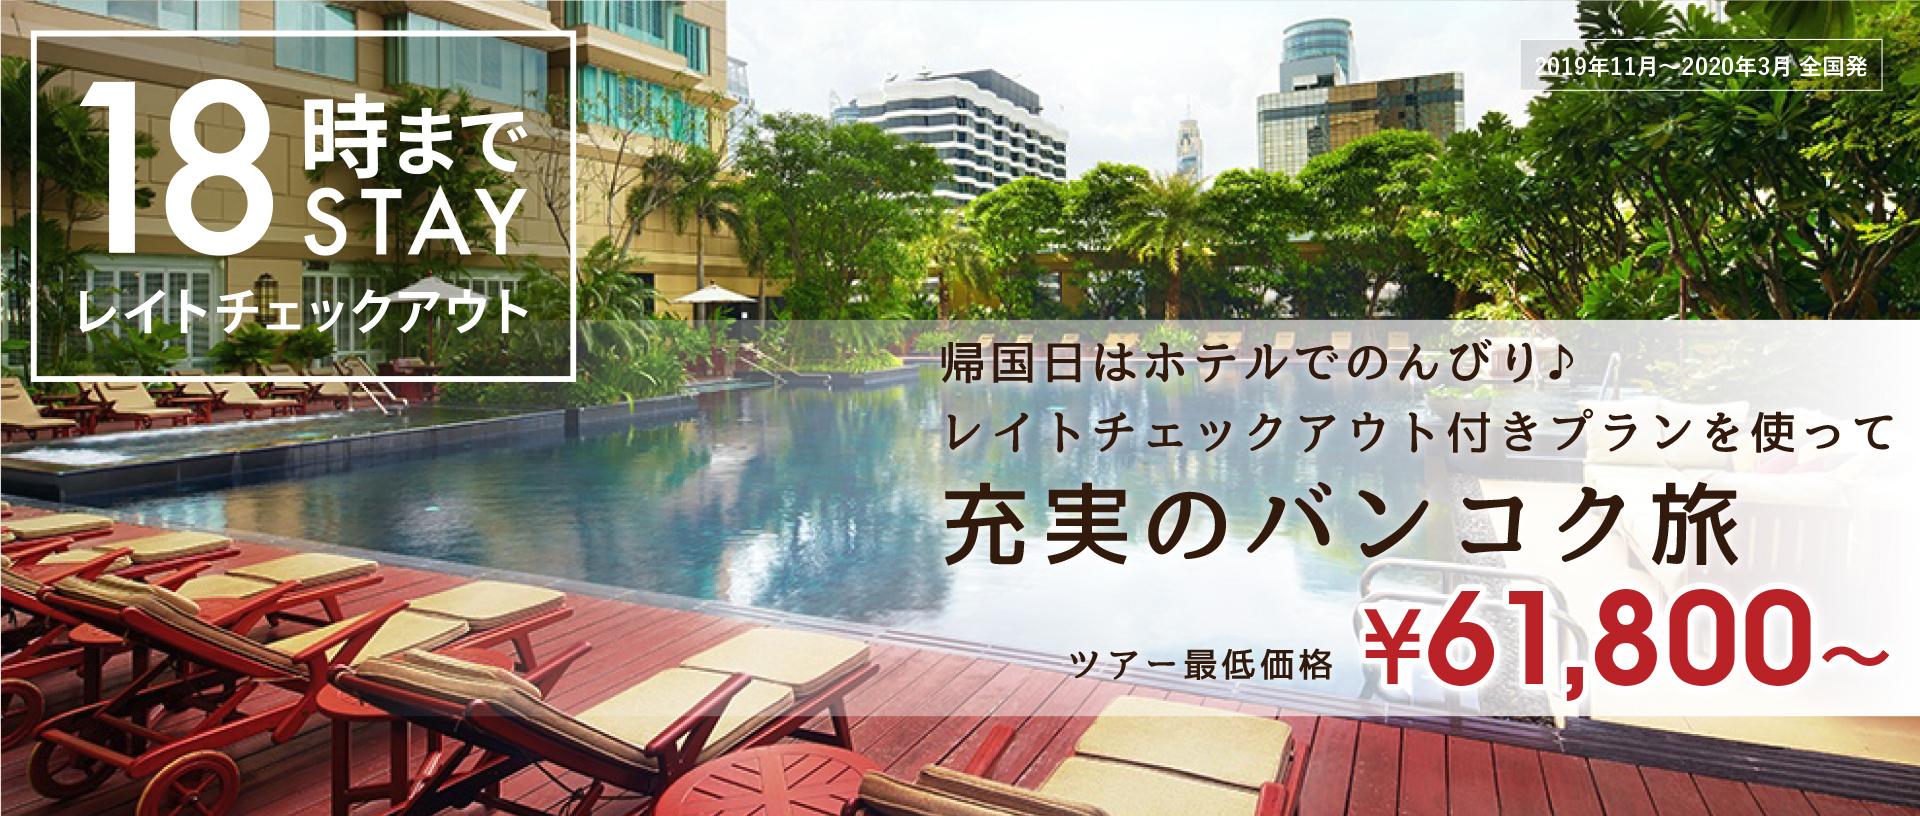 帰国日はホテルでのんびり♪レイトチェックアウト付きプランを使って充実のバンコク旅